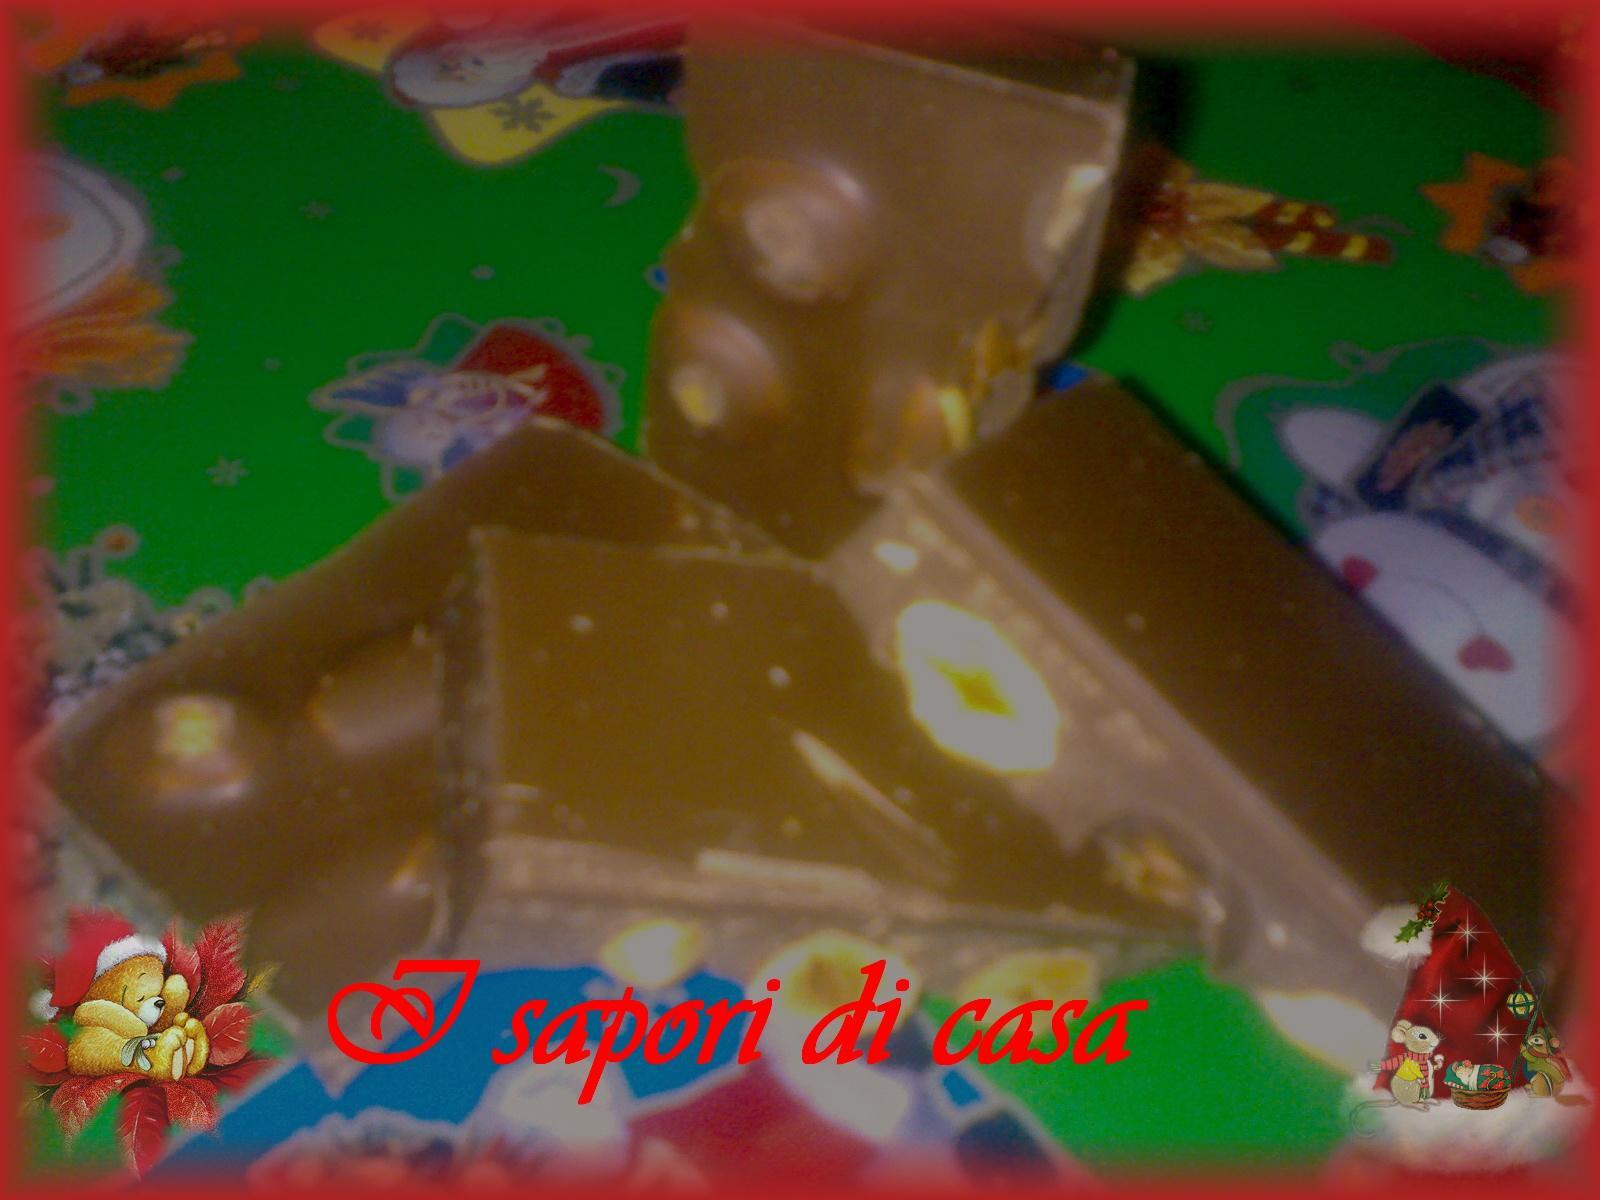 Nocciolato al cioccolato fatto in casa - ricette di Natale